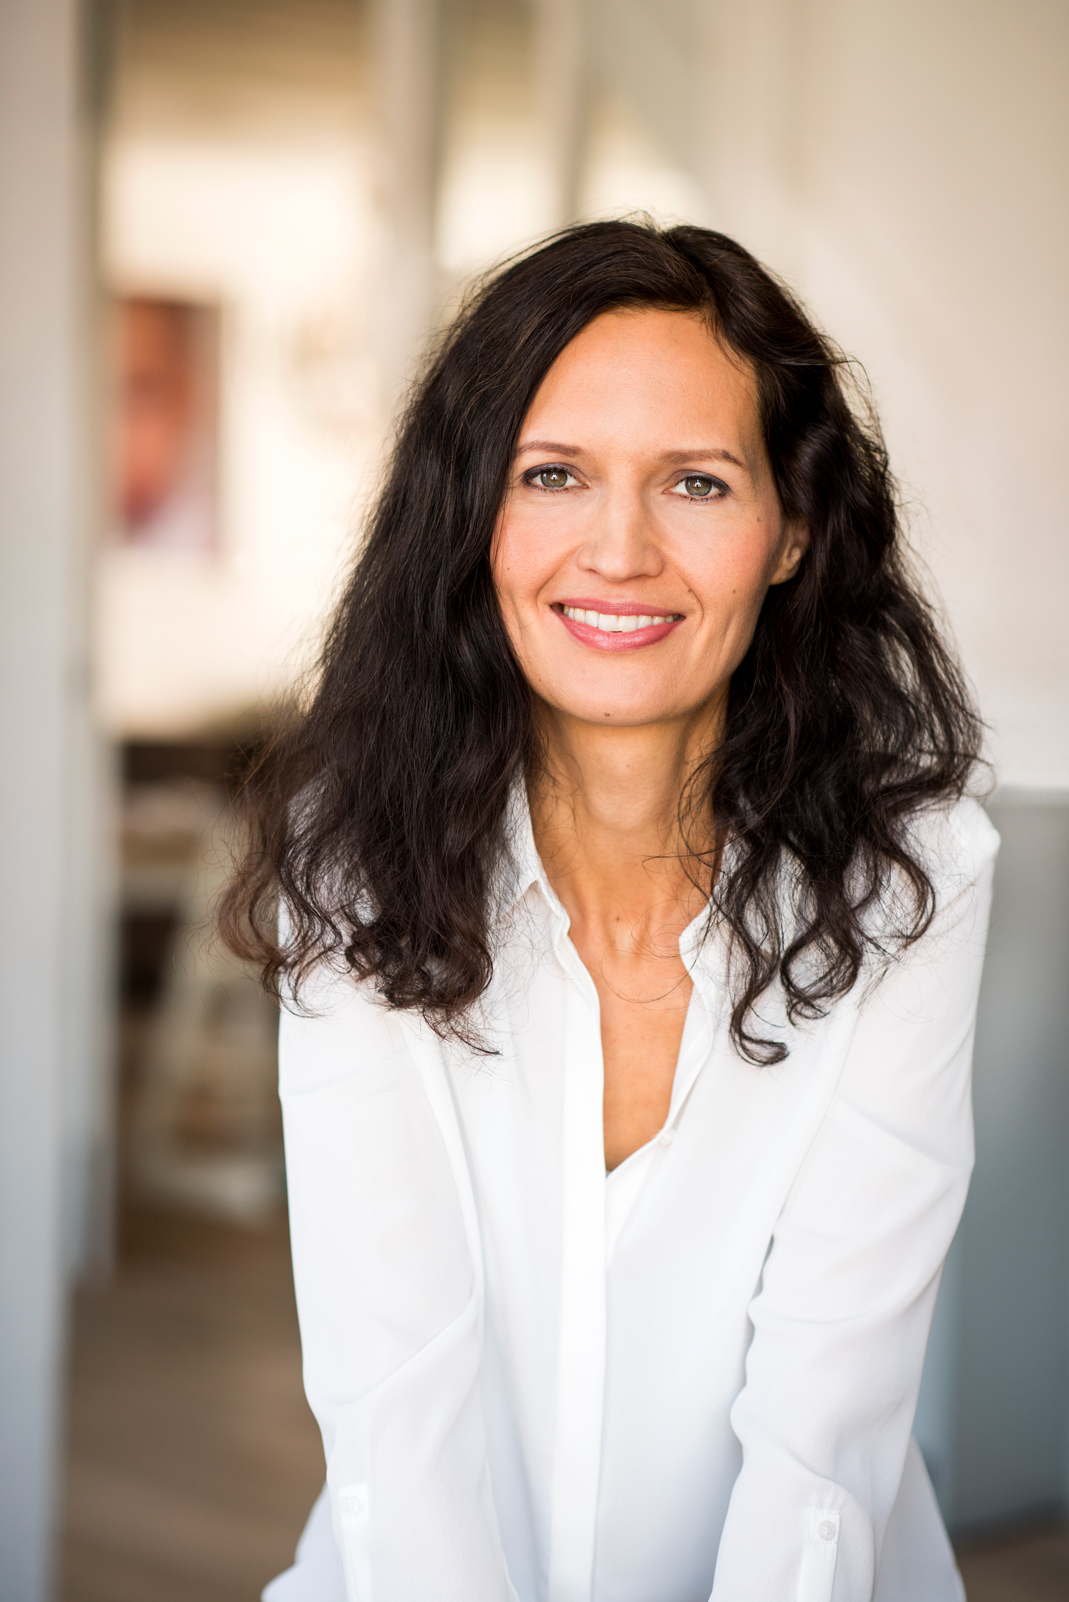 Wunderblau Erfinderin Saschinka Tillner-Schmiddem